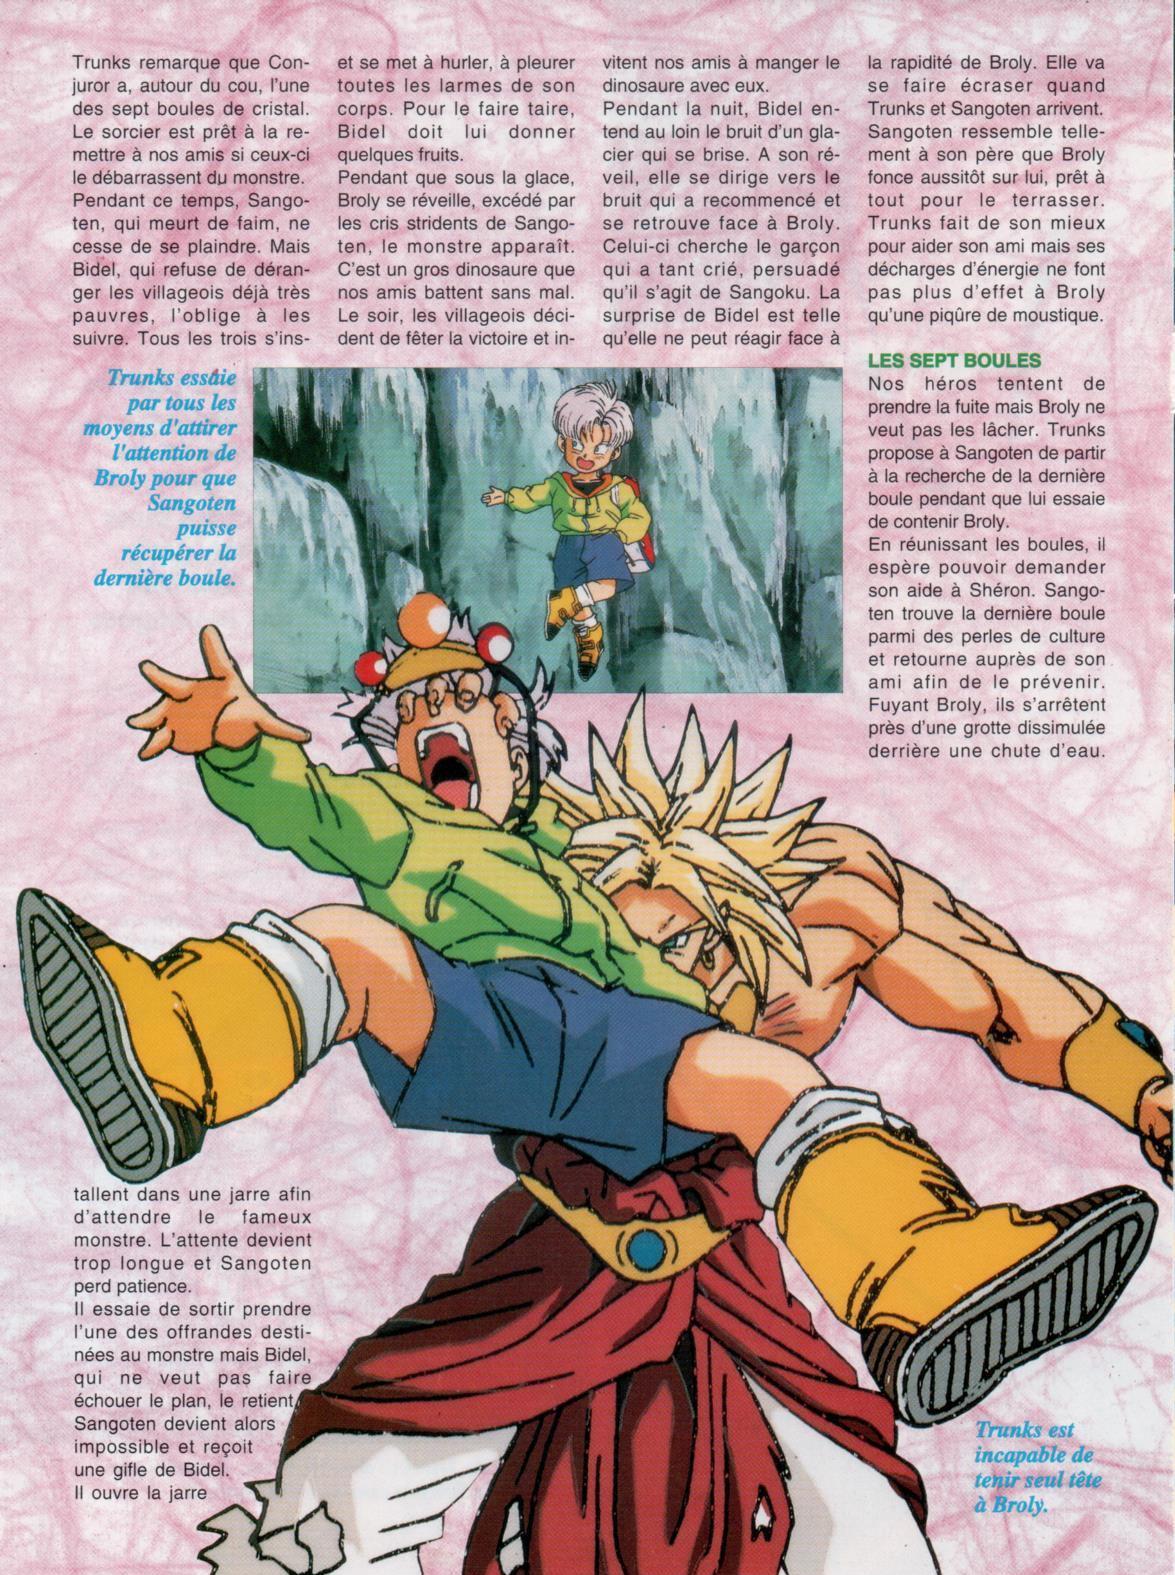 Dragon Ball Z – Nostalgie Club Do 23 - Le retour de Broly